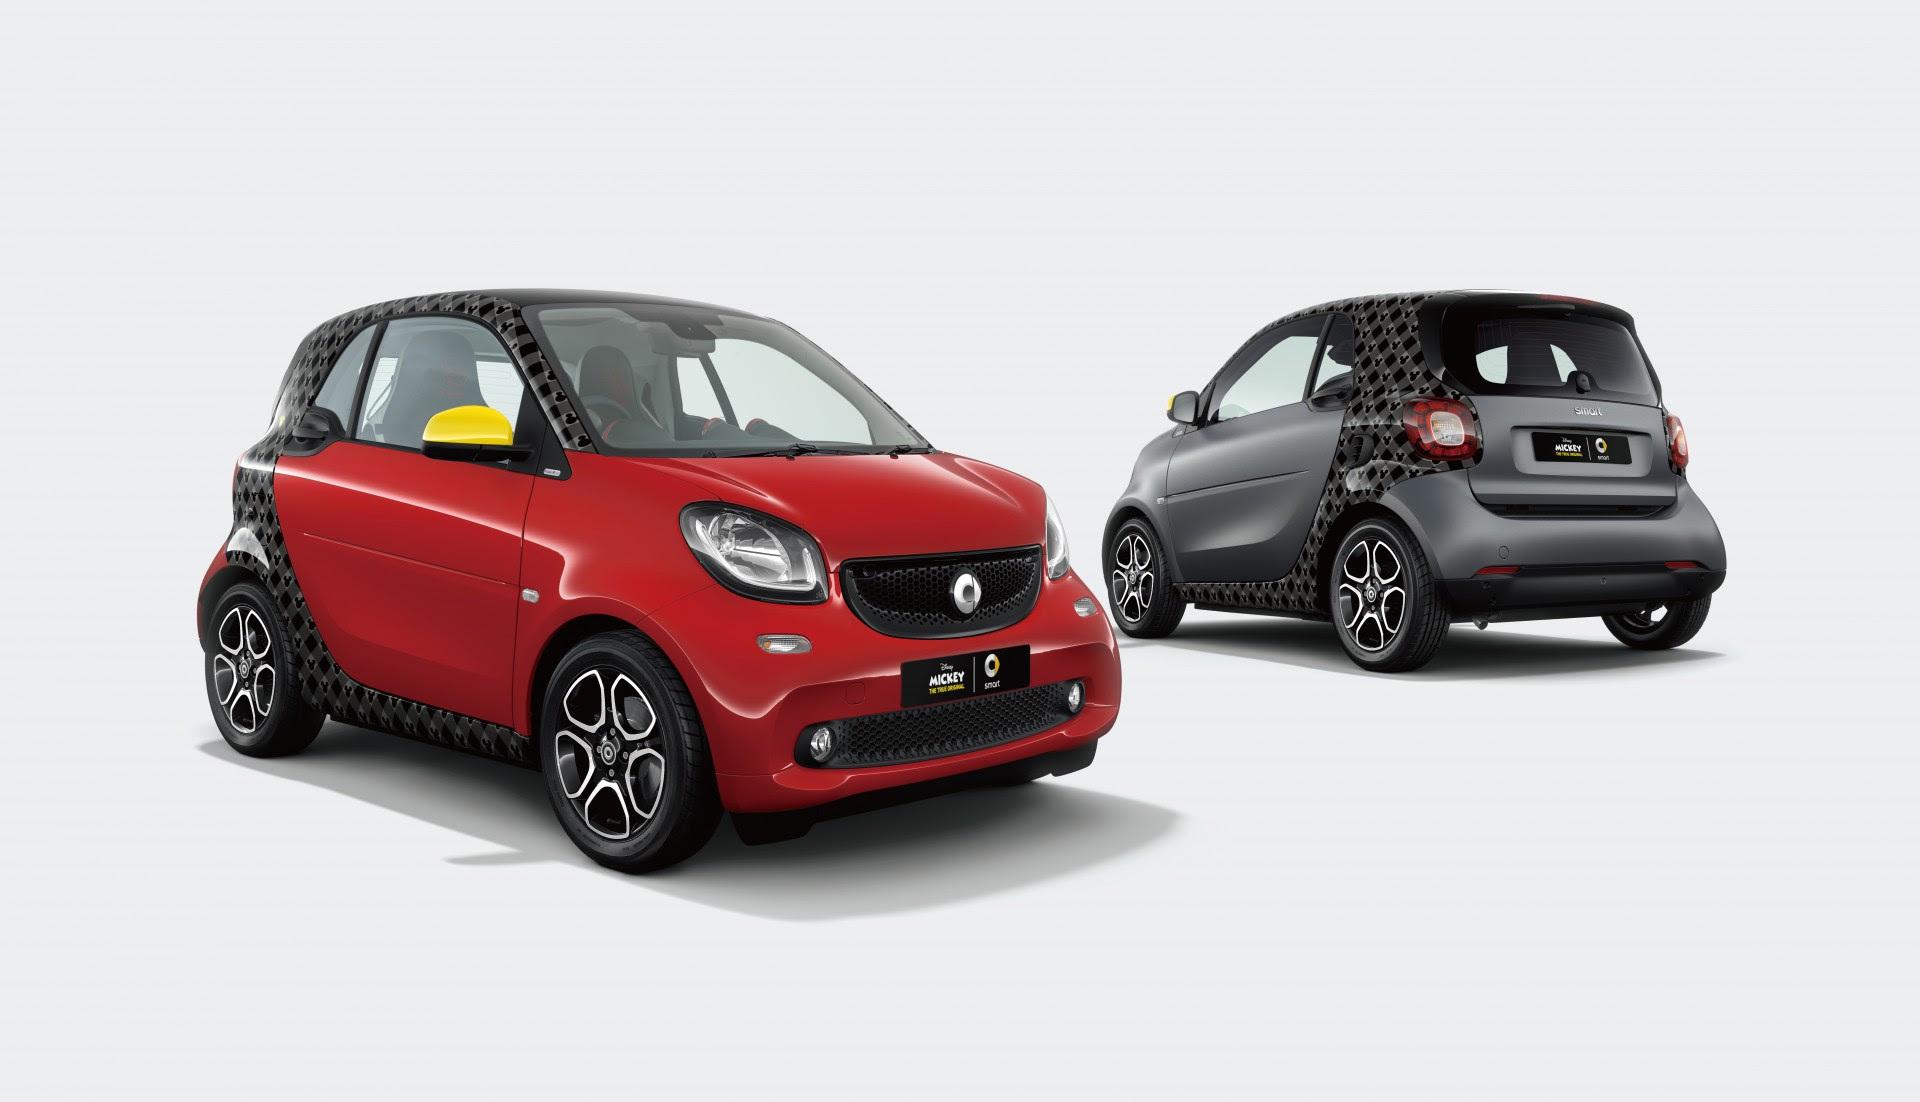 メルセデス・ベンツ日本、ミッキーマウス90周年記念の特別仕様車「smart fortwo edition / MICKEY THE TRUE ORIGINAL」を発表